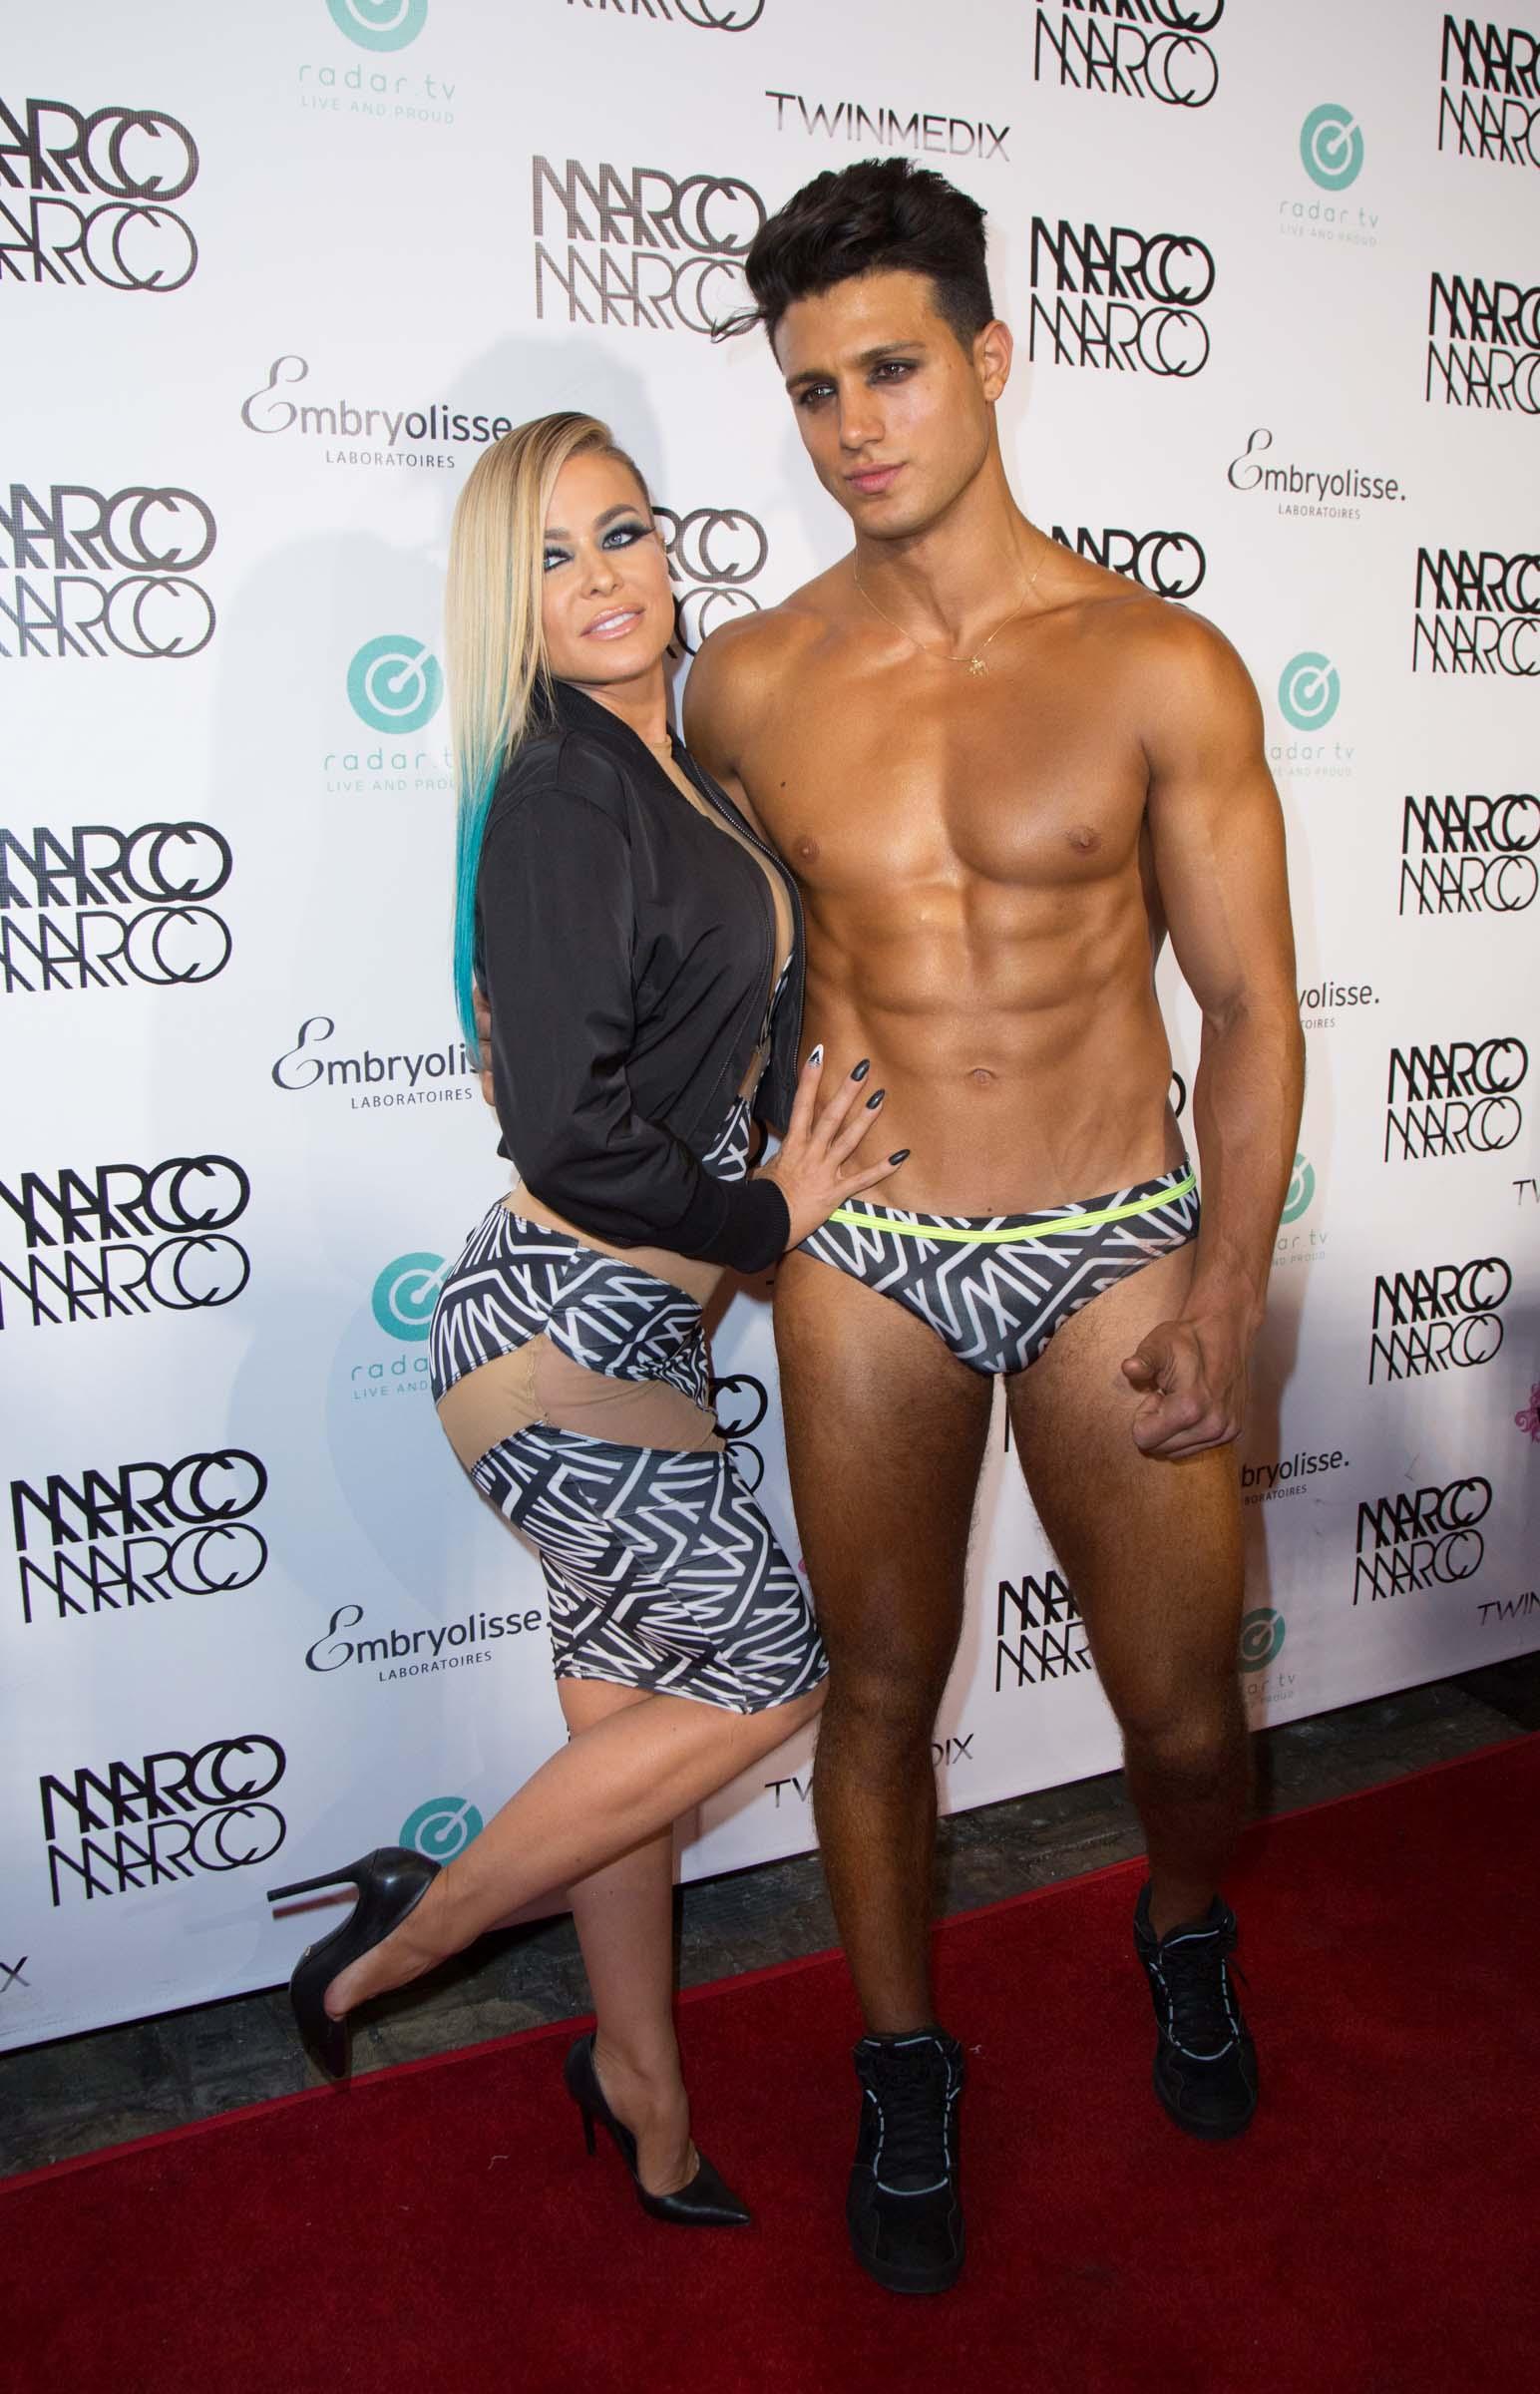 Cassandra cass nude